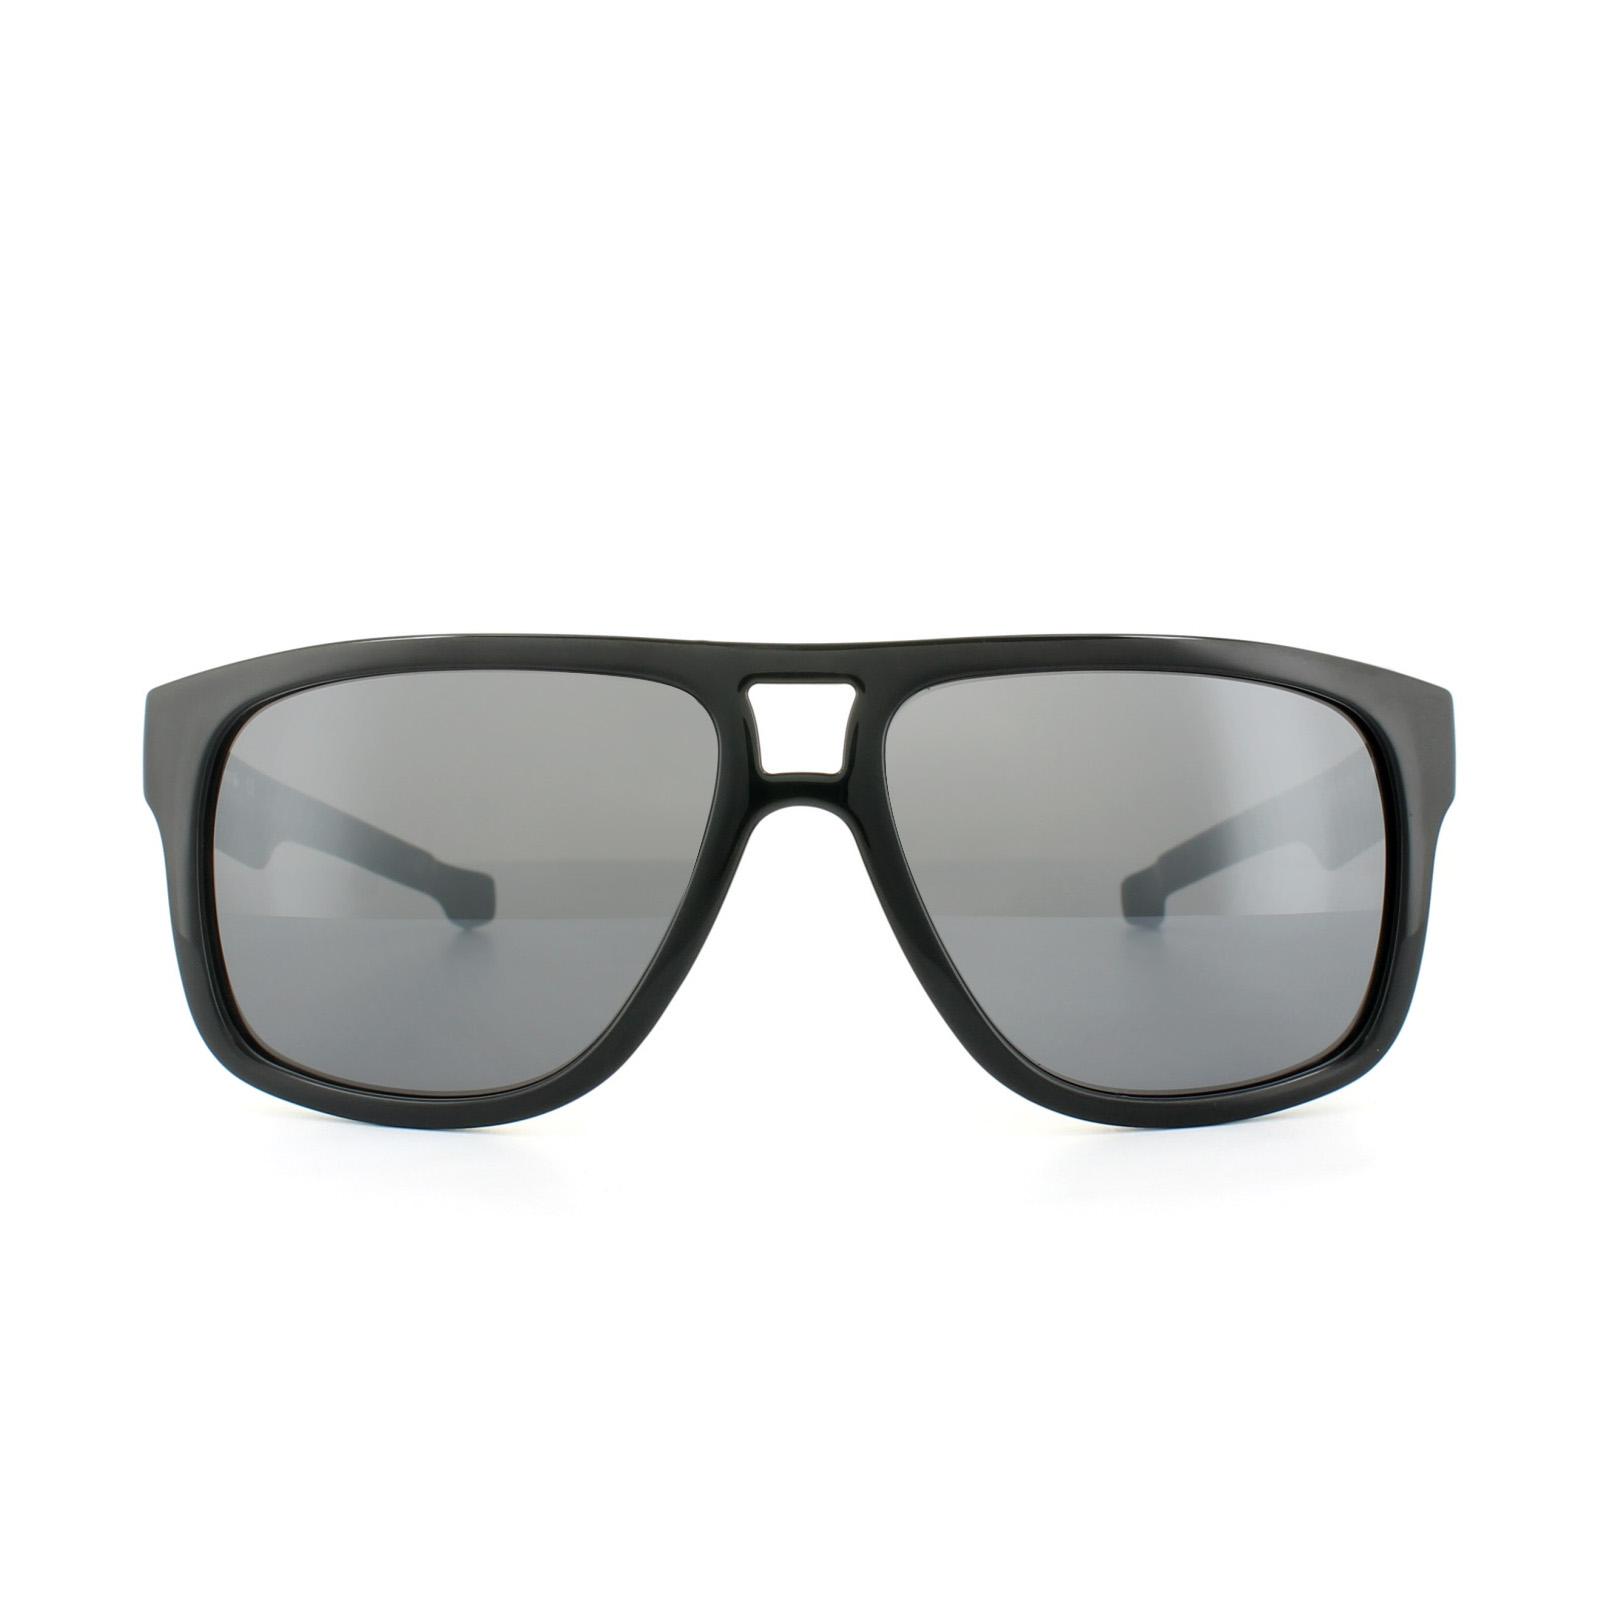 a4e7b40c721 Lacoste Sunglasses L817S 001 Black Grey Gradient 886895264471